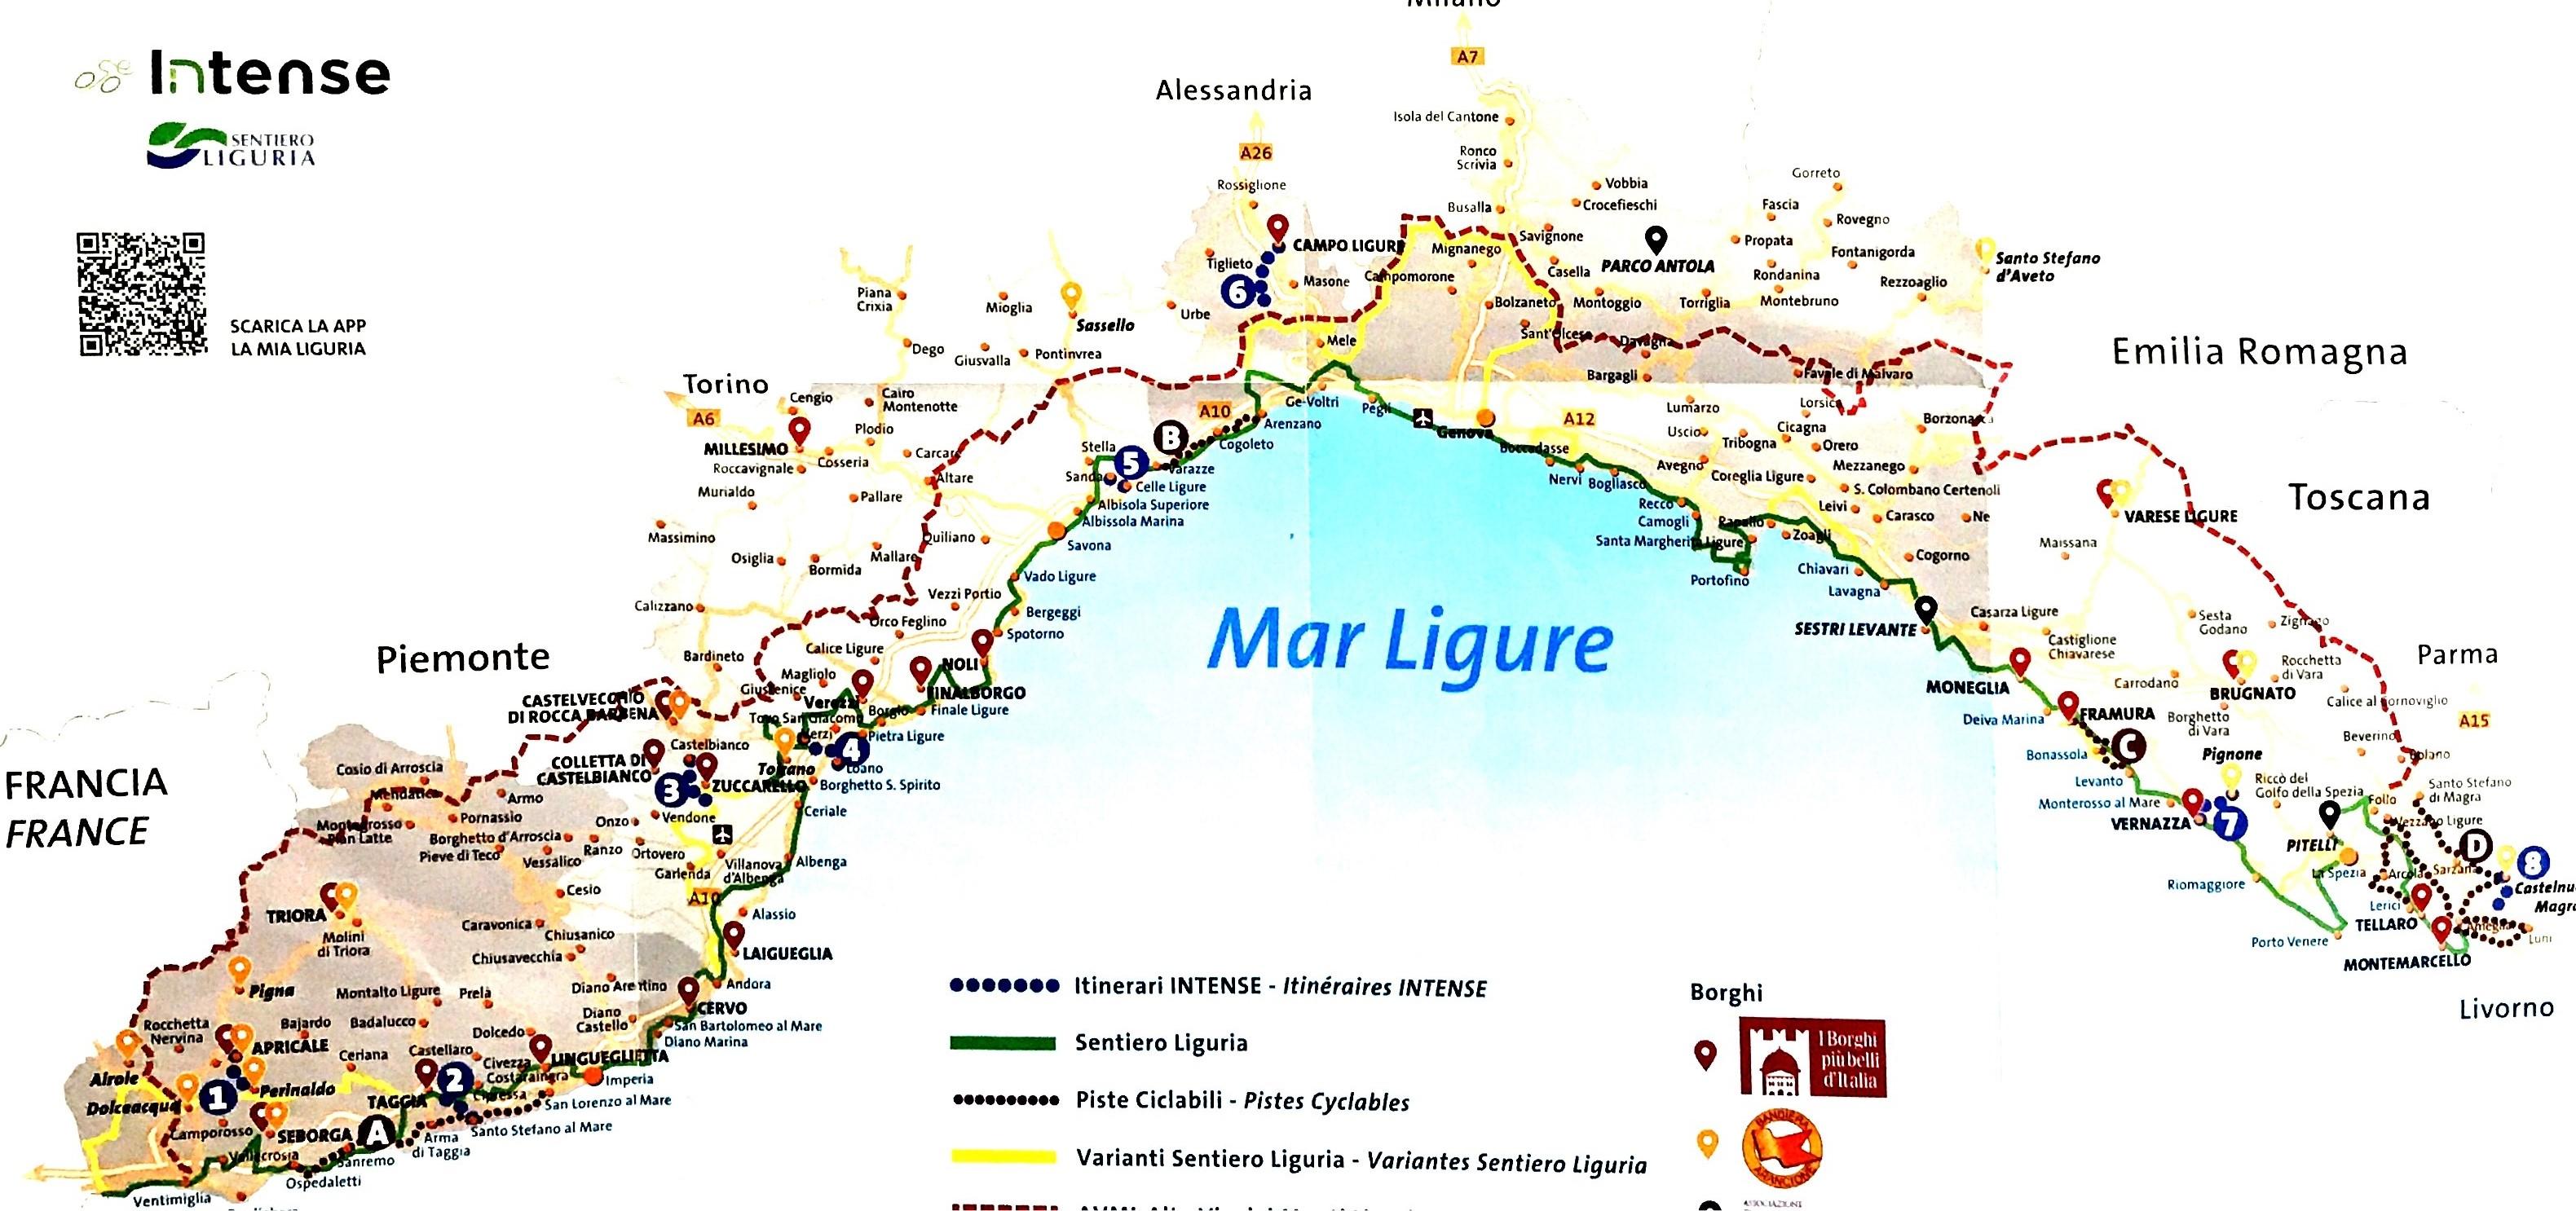 Santo Stefano Sardegna Cartina.Santo Stefano Al Mare In Comune Focus Su Itinerari Turistici Sostenibili Riviera24